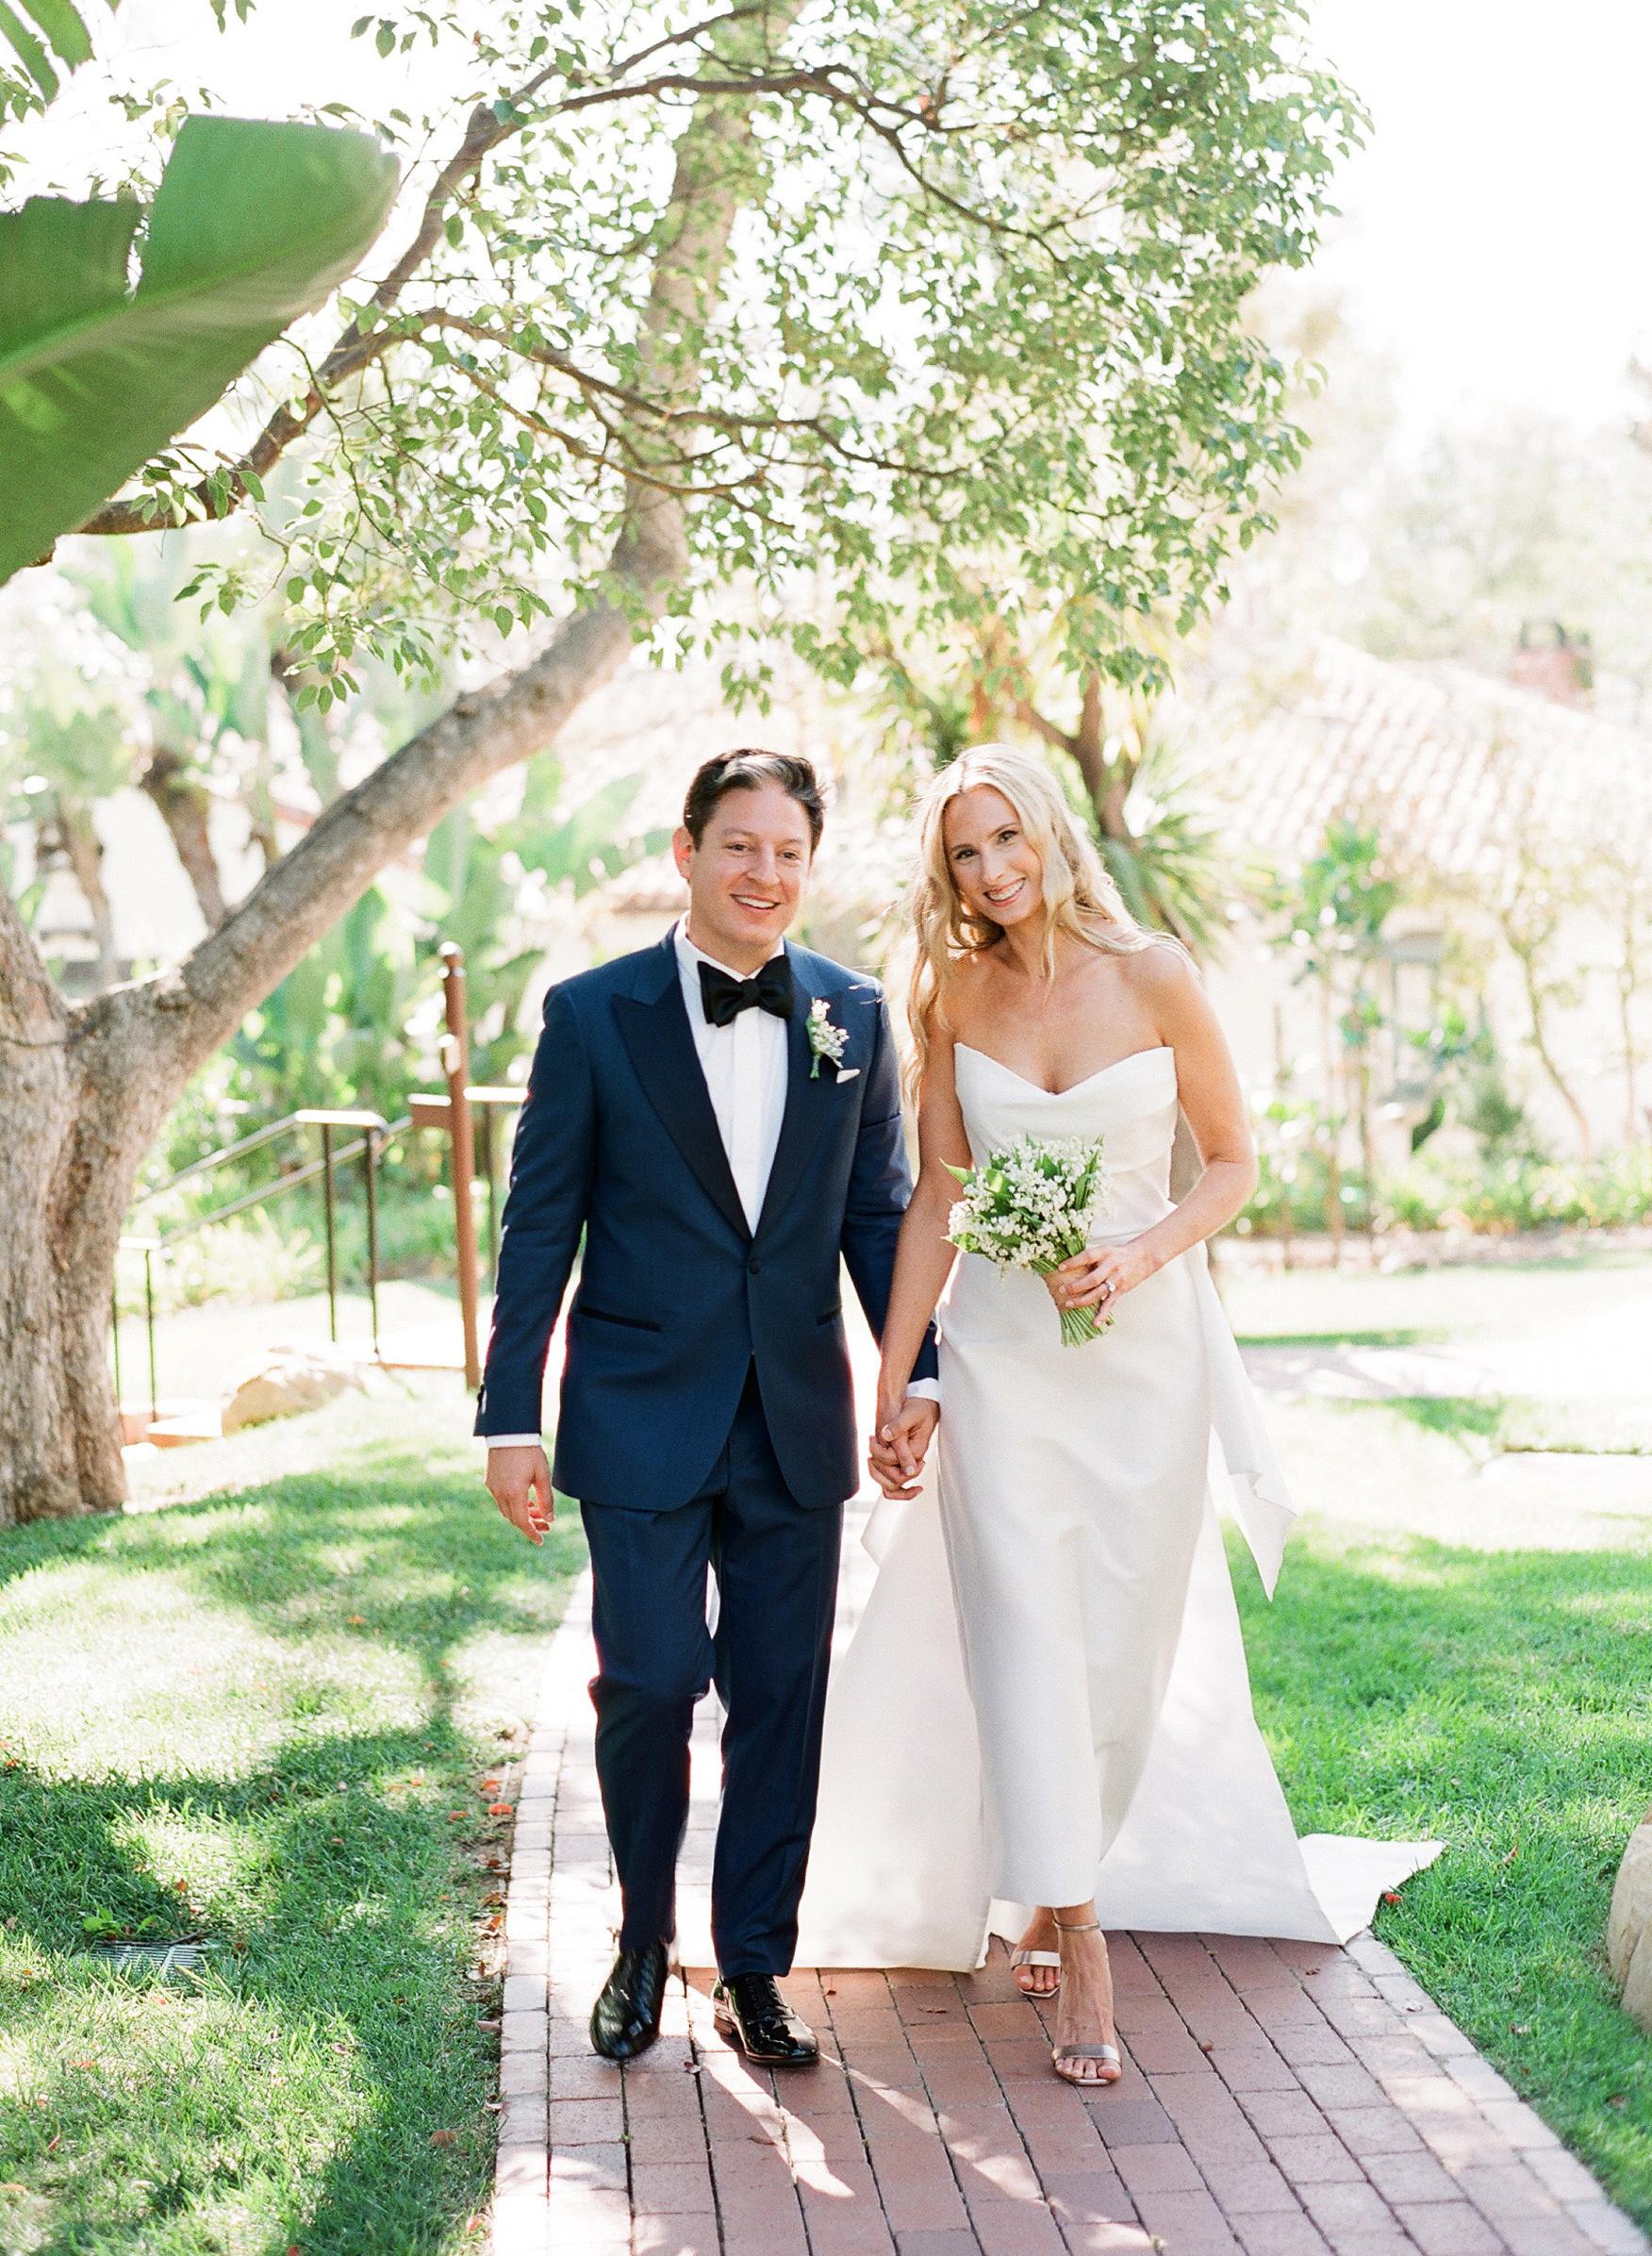 katy michael wedding couple